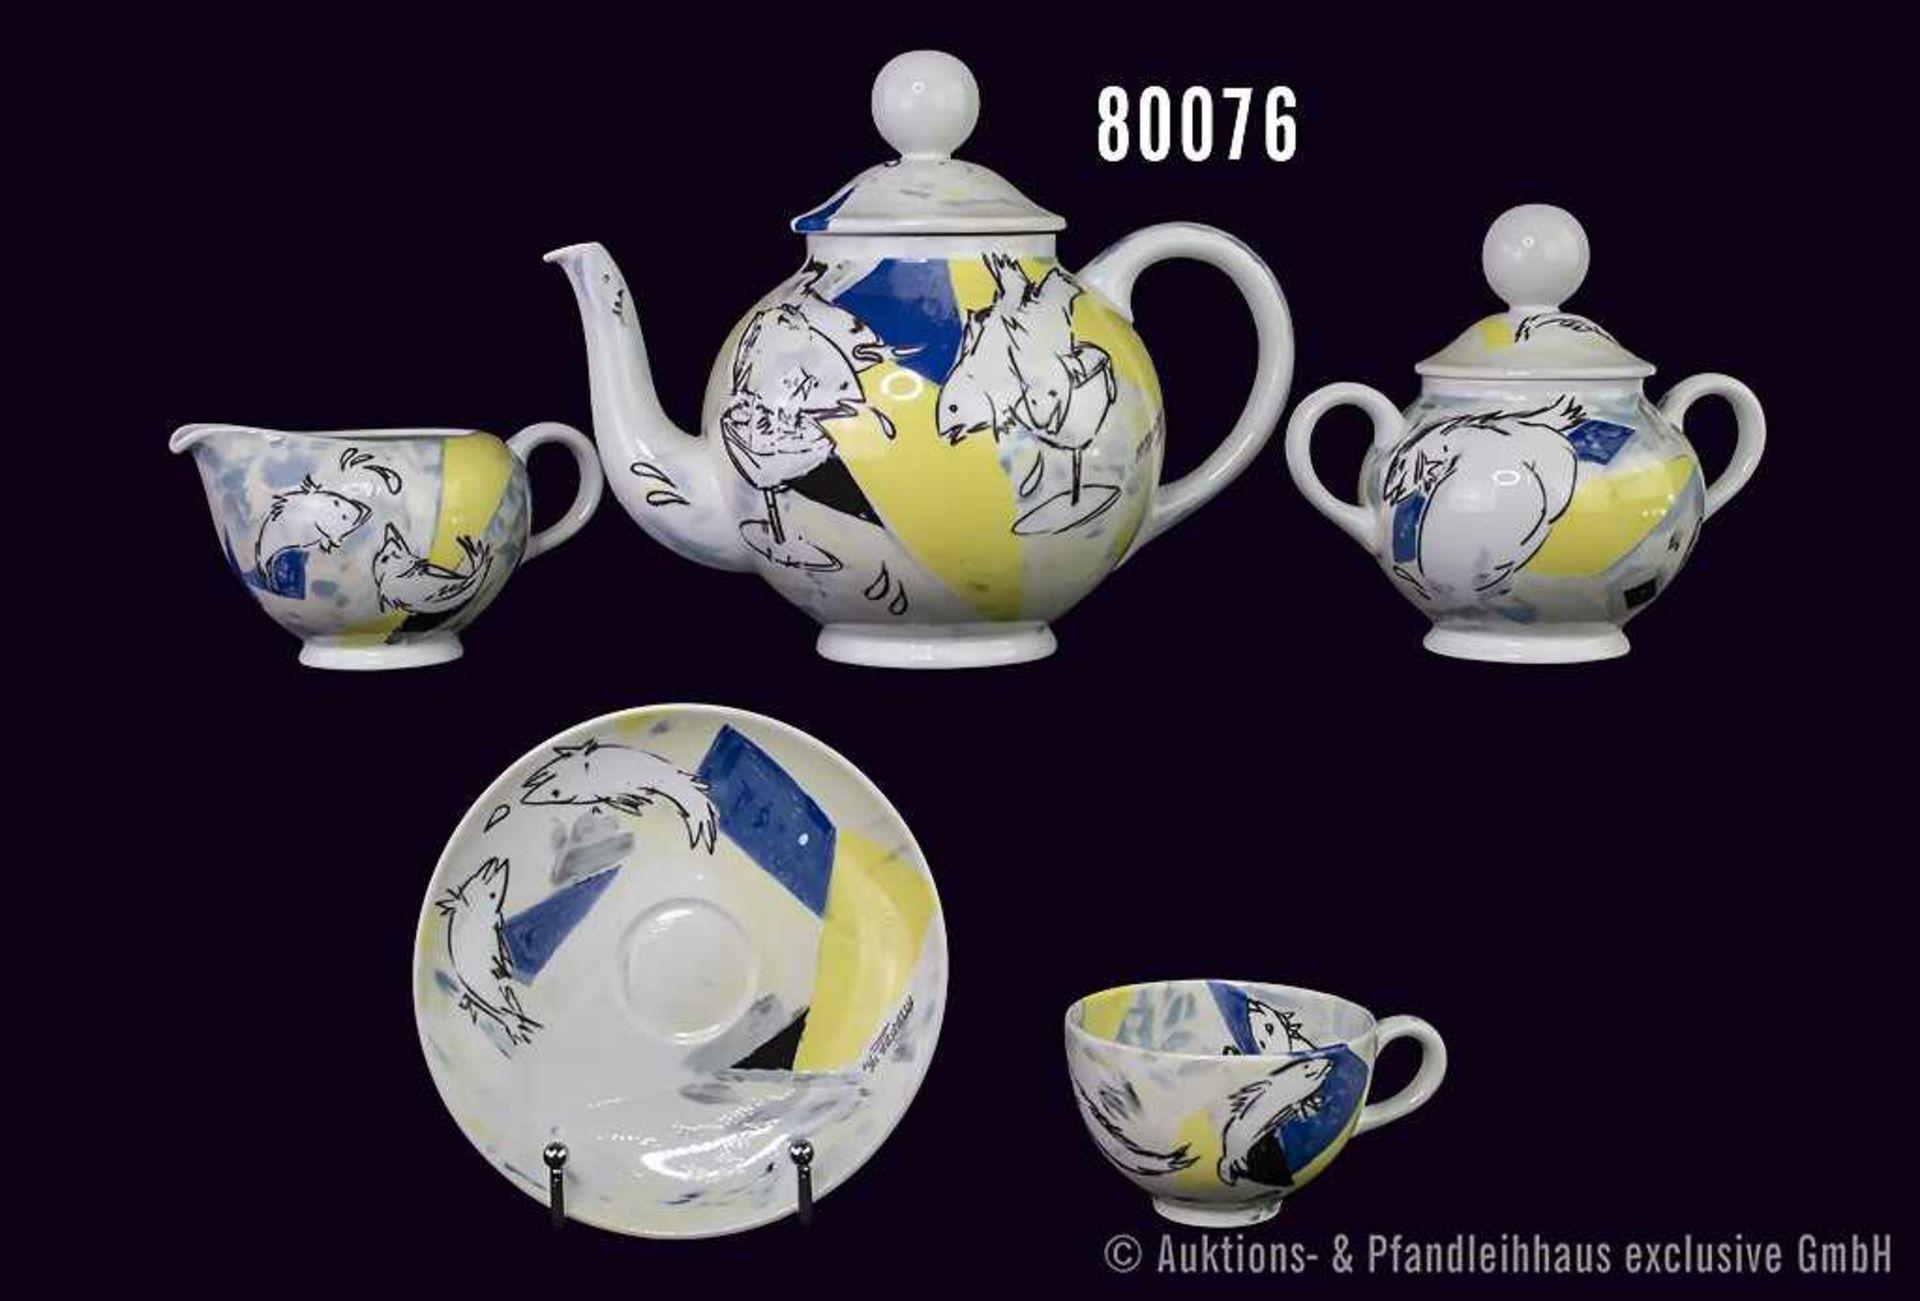 Konv. 7 Teile Rosenthal Porzellan, Dekor Teeforelle, Künstler Chr. Attersee, von 90/91, limitierte